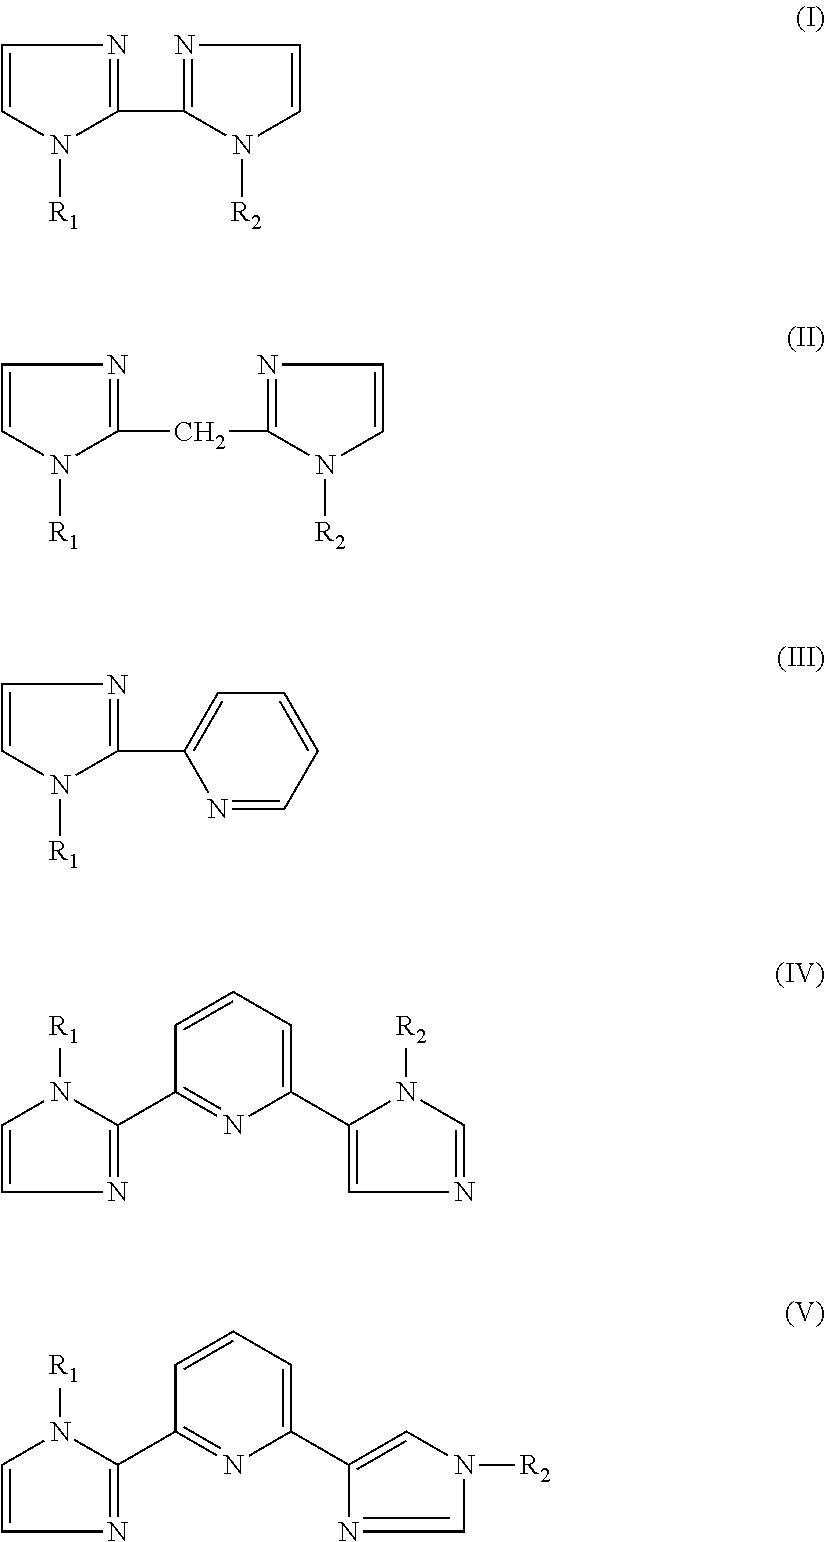 Figure US09316609-20160419-C00001